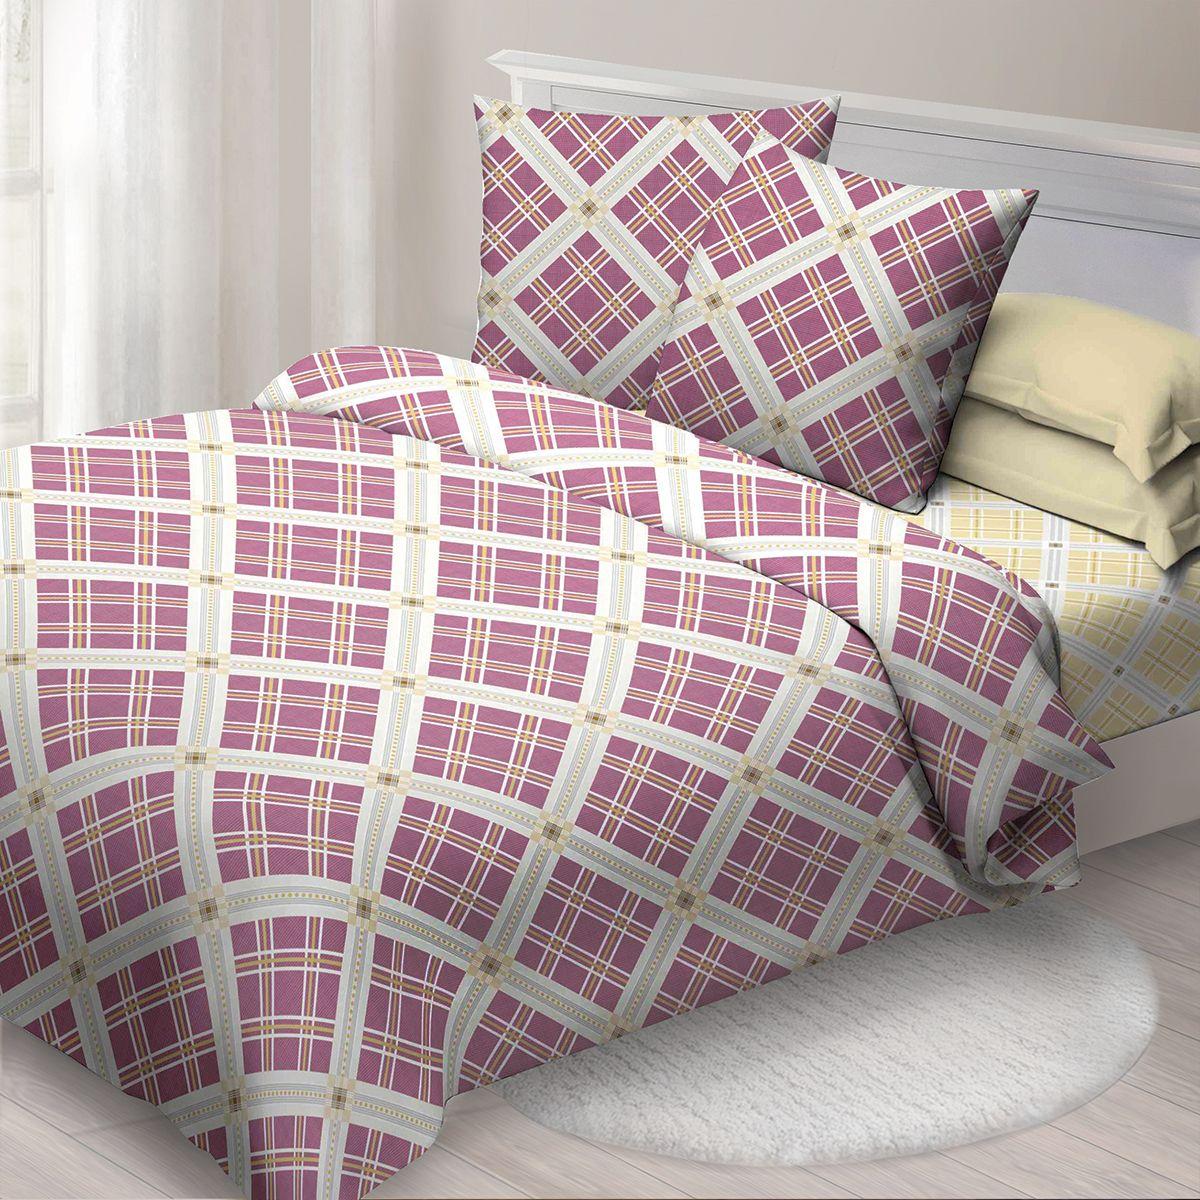 Комплект белья Спал Спалыч Ромбы, семейный, наволочки 70x70, цвет: бордовый. 4090-285092